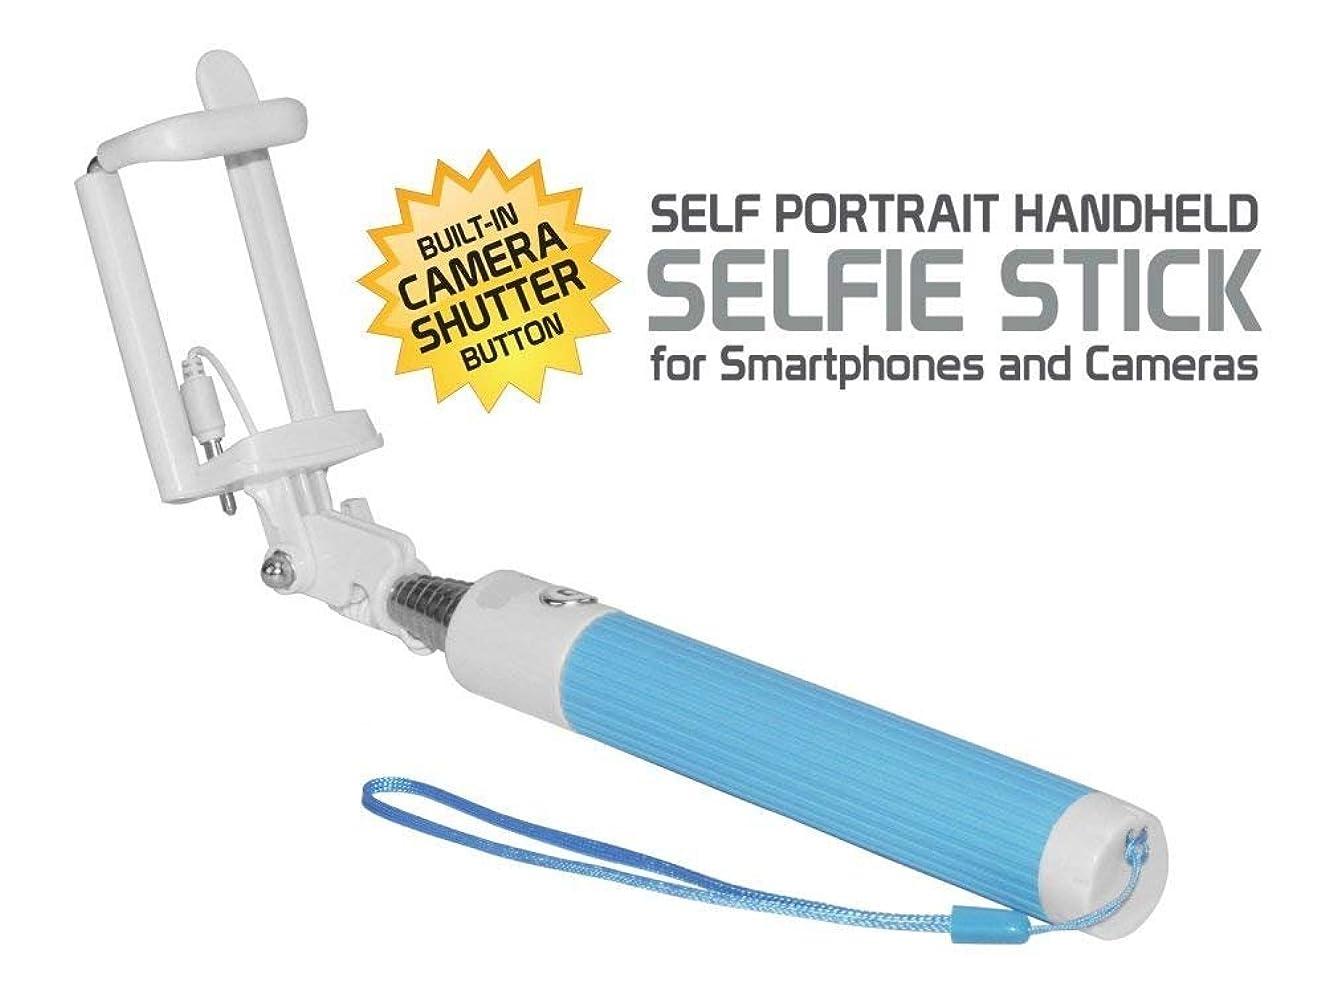 Cell-Stuff Compact Blue Extendable (AUX Cable) Self Portrait Selfie Stick [Compatible w/iPhone 6], Handheld Monopod w/Shutter Controls Button on H&le